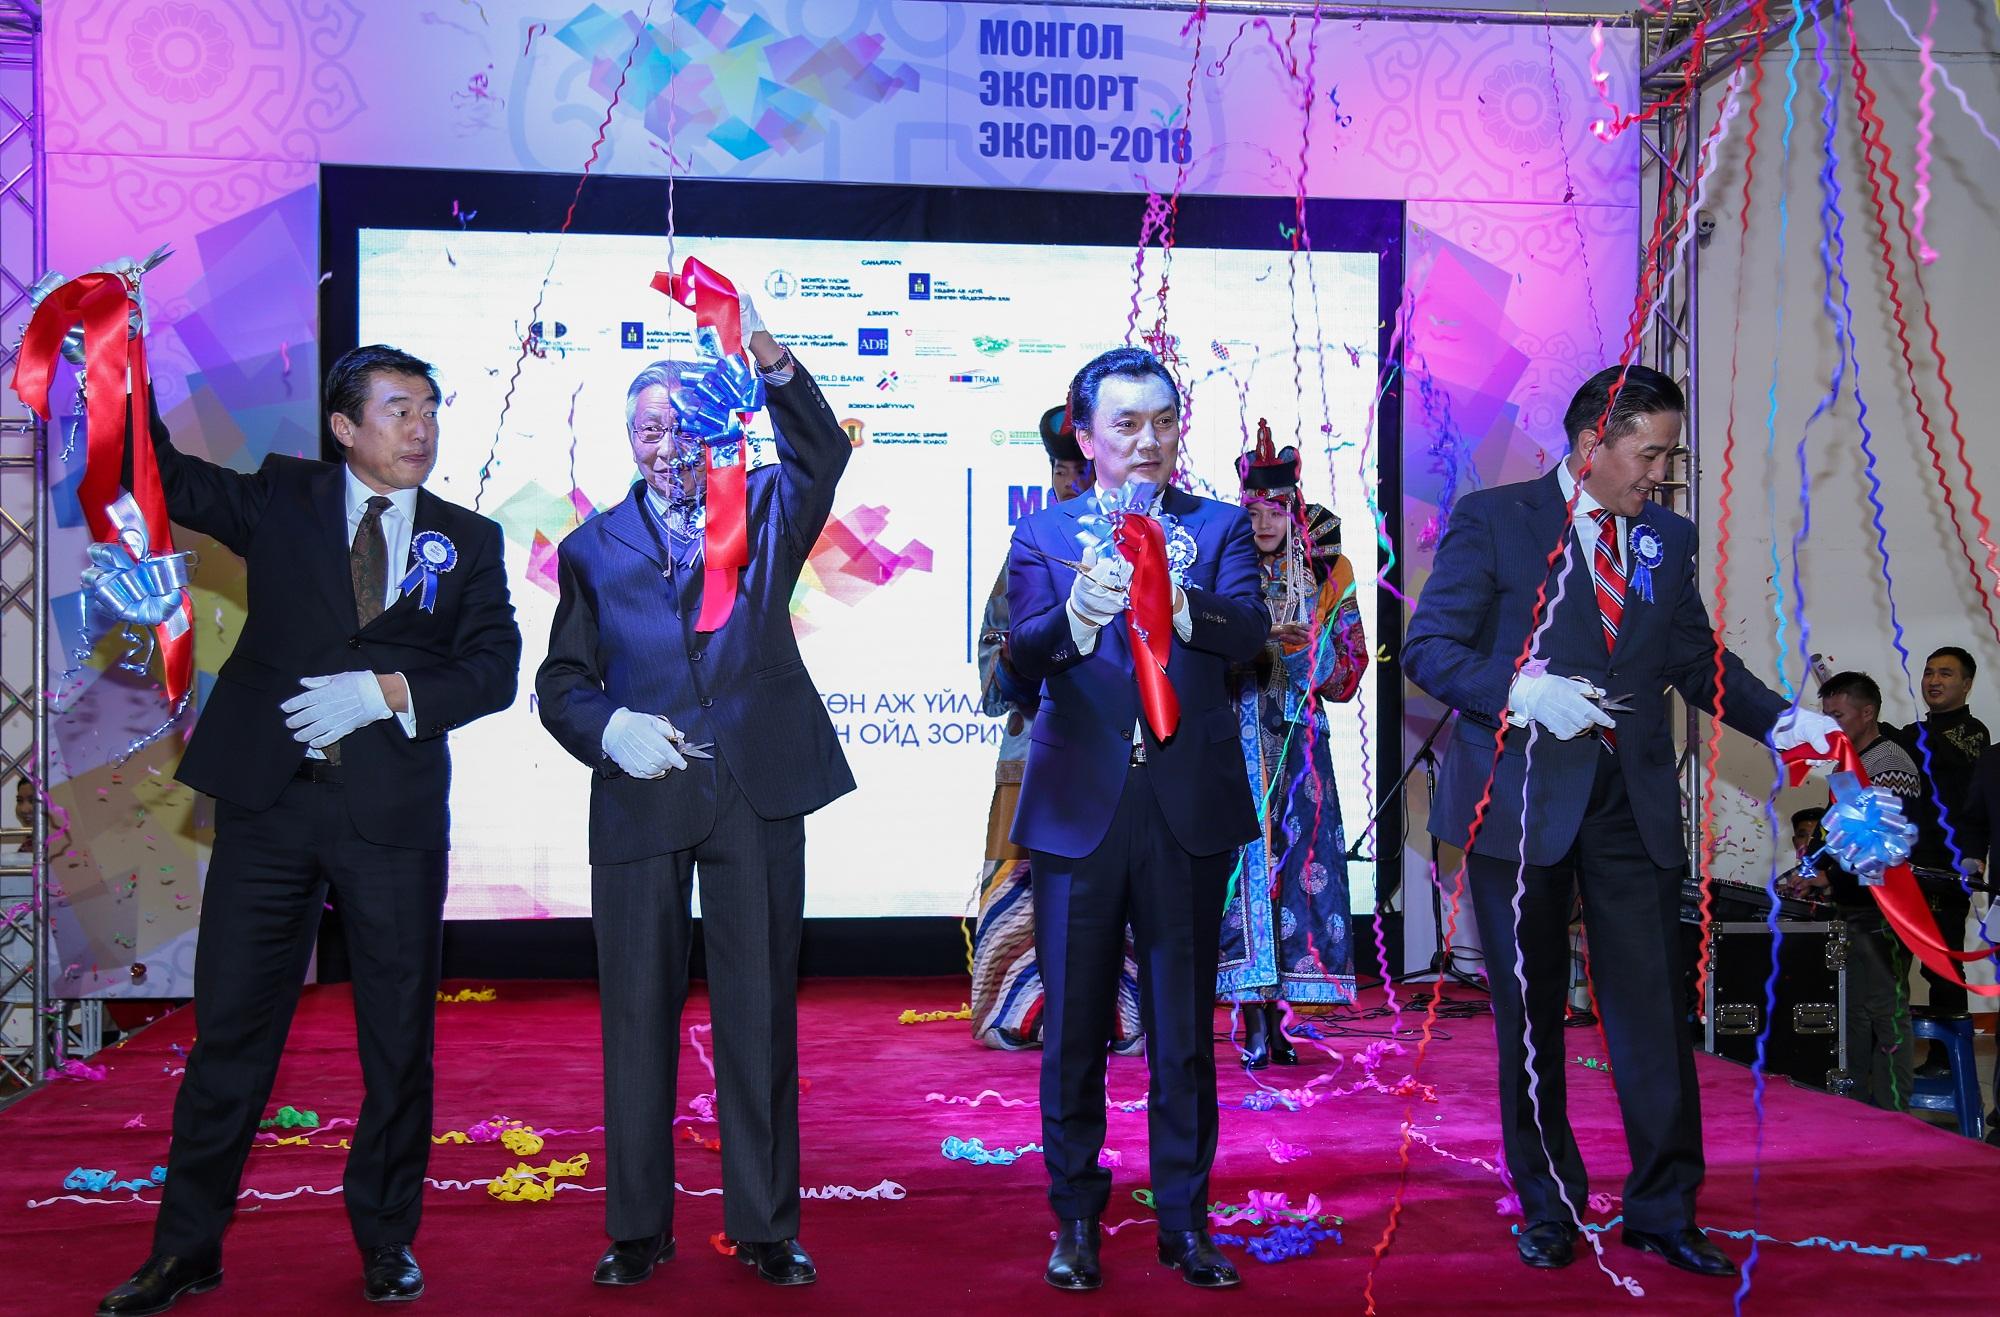 """""""Монгол экспорт экспо-2018"""" нэгдсэн арга хэмжээ нээлтээ хийлээ"""